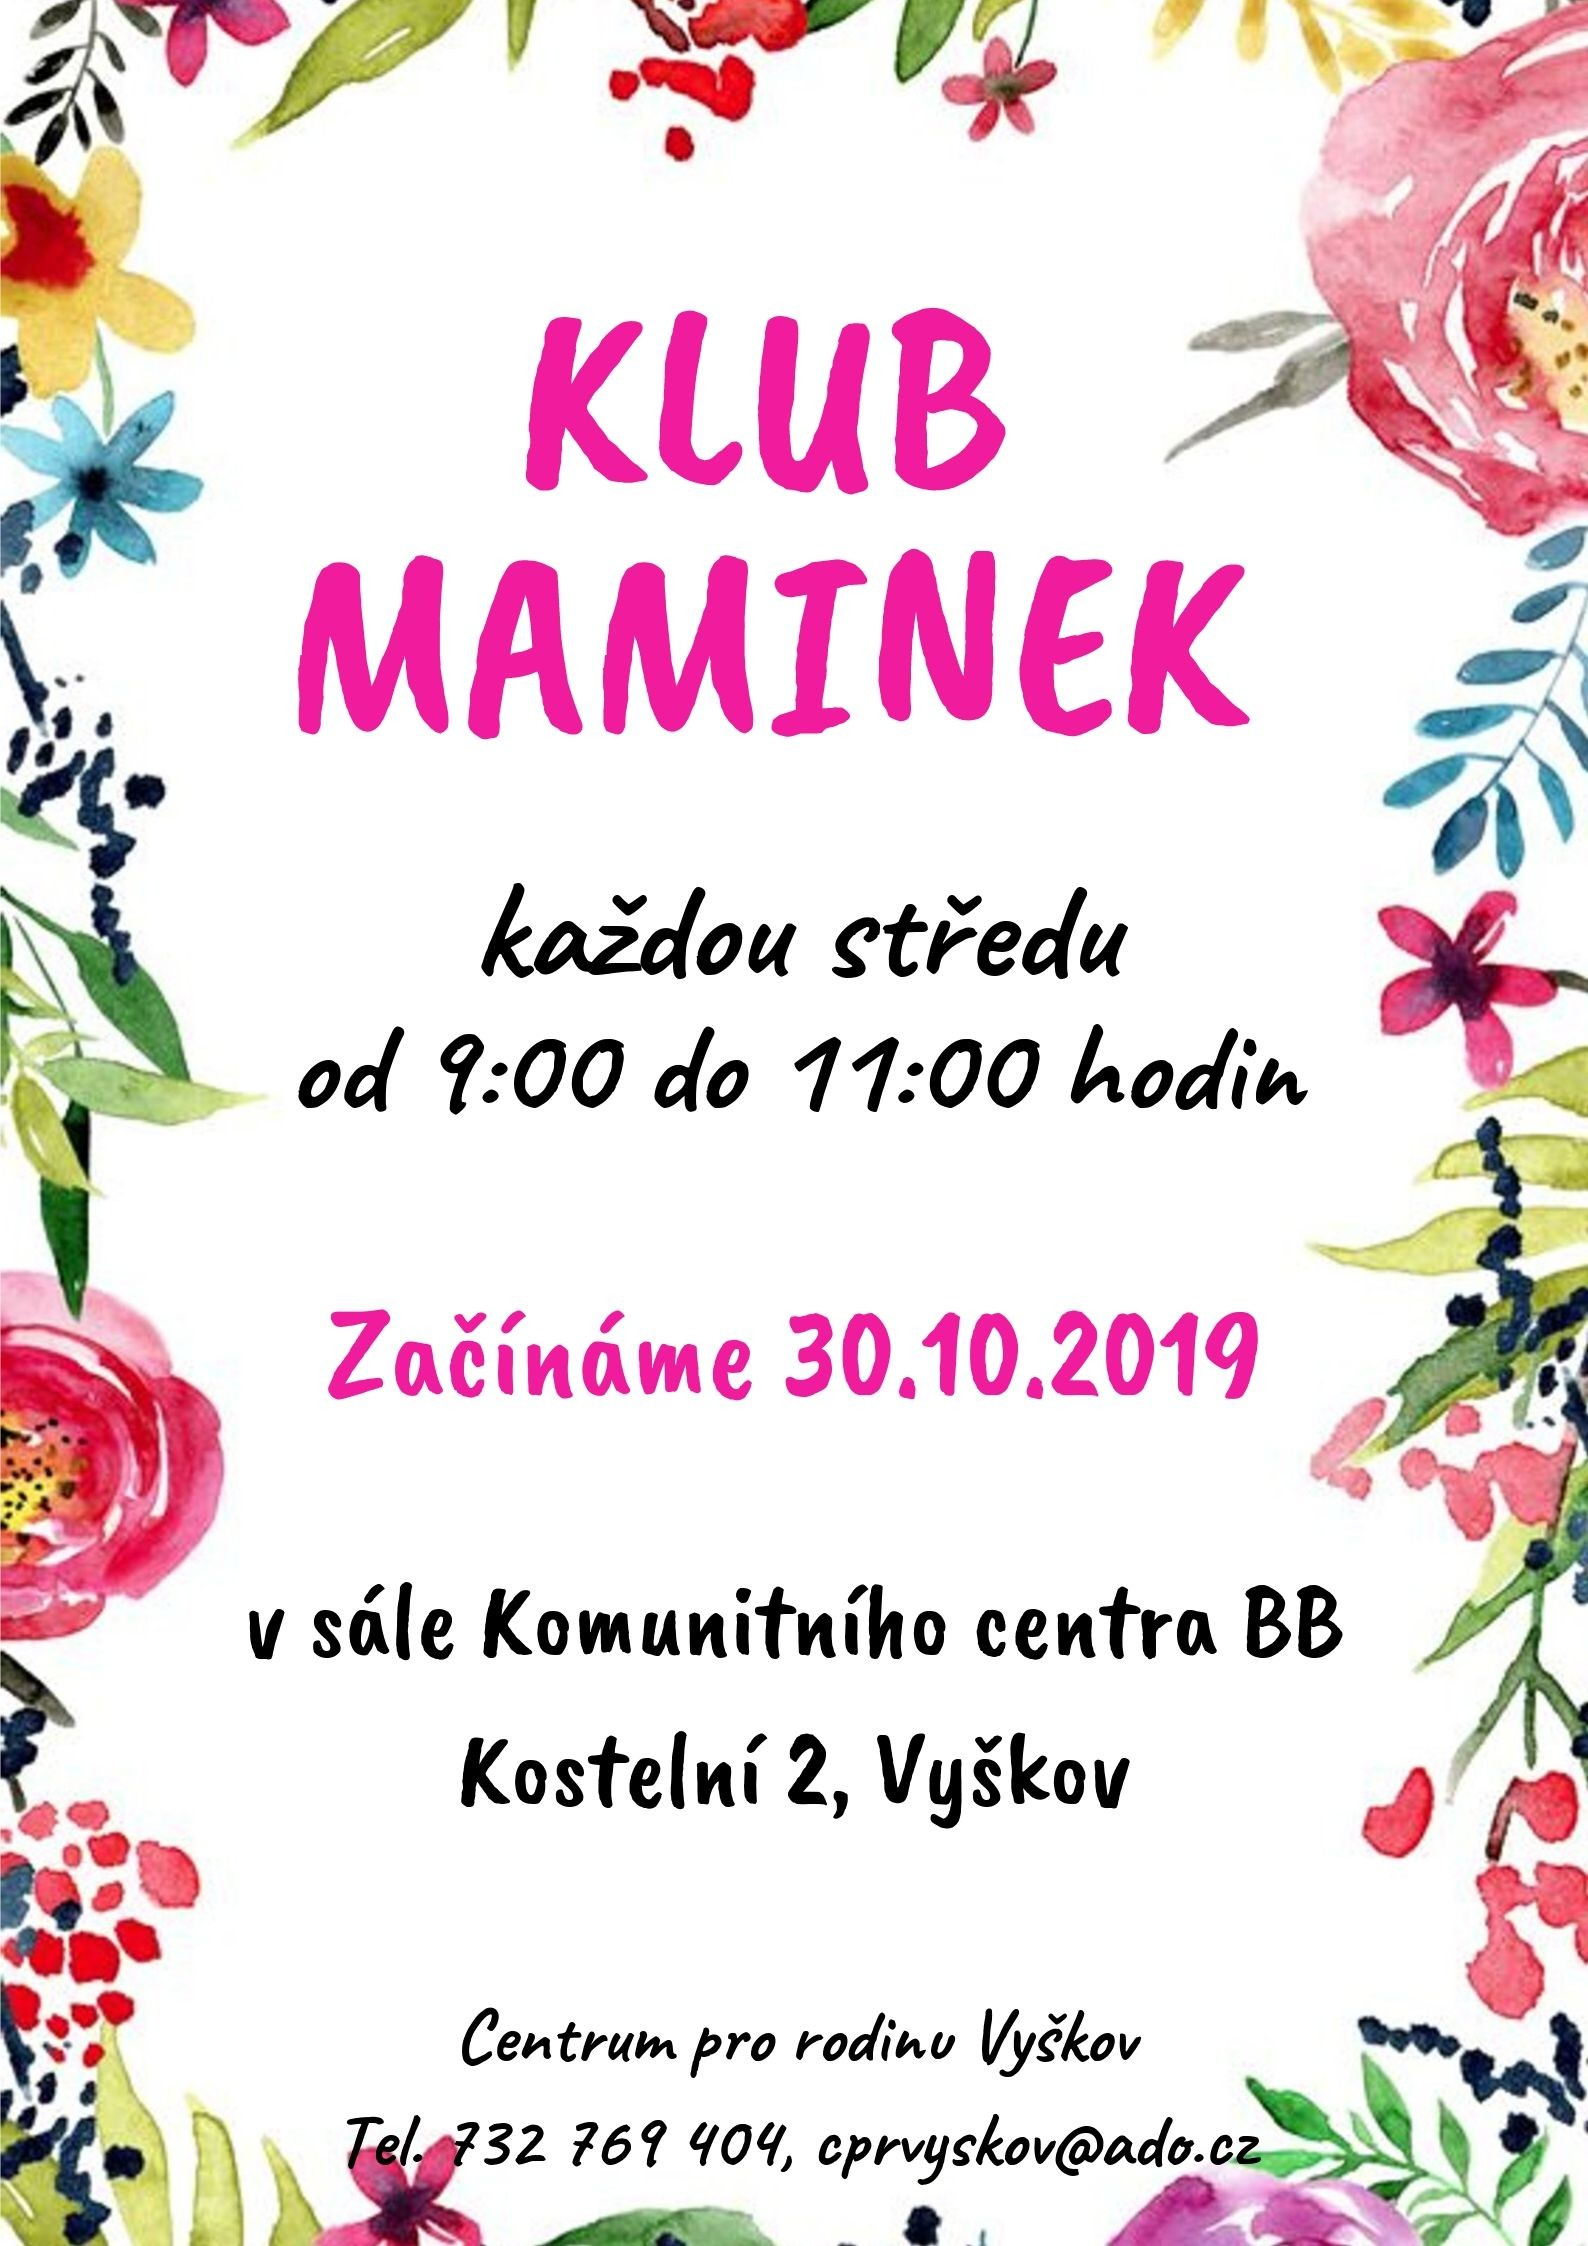 Klub maminek 30.10.2019